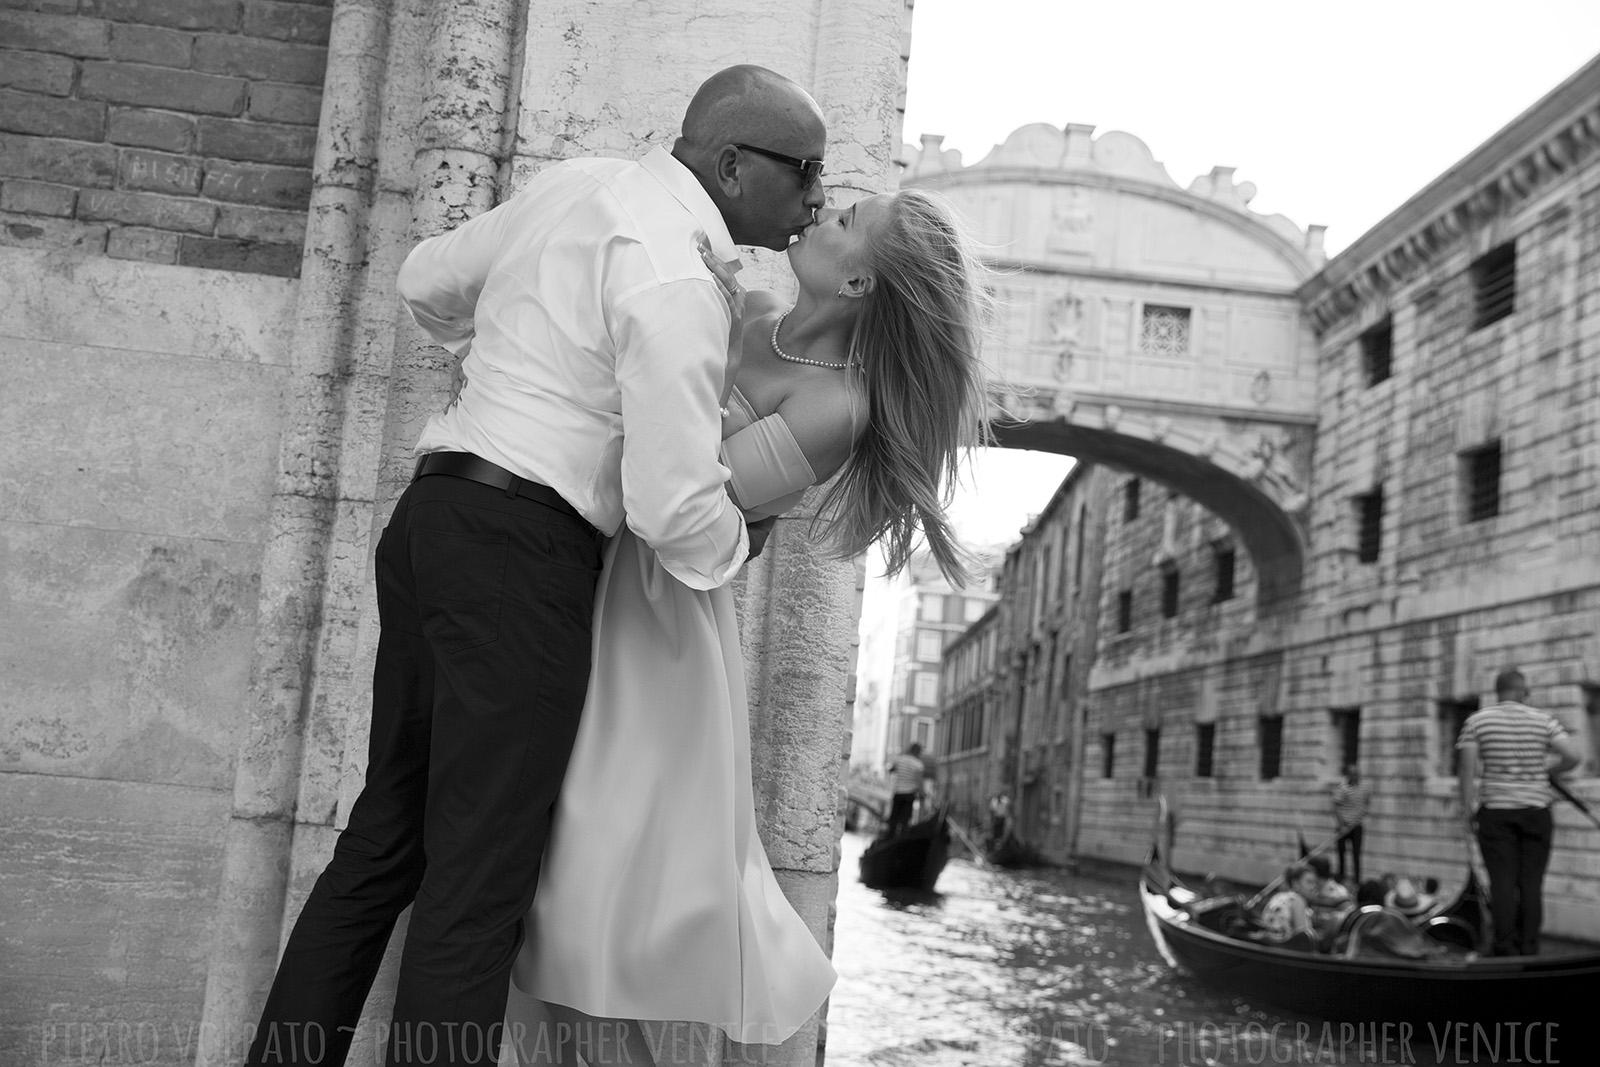 Fotografo a Venezia per un servizio foto vacanza